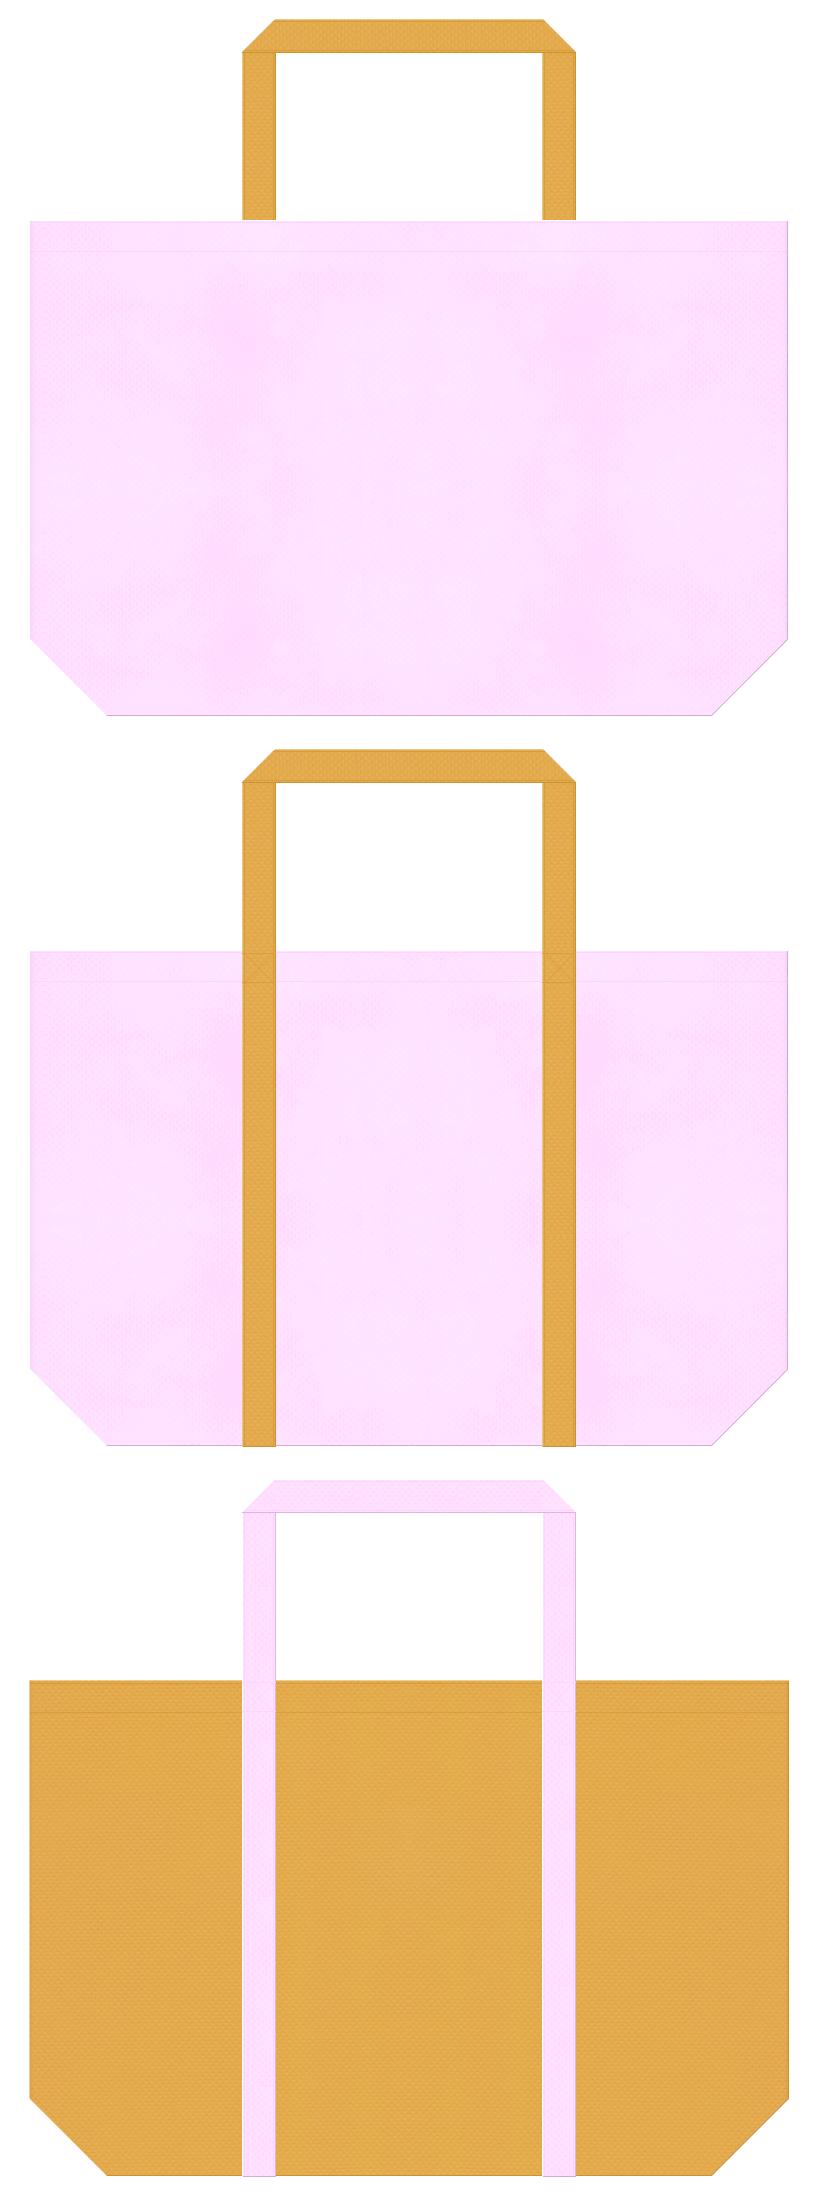 ペットショップ・ペットサロン・ペット用品・ペットフード・アニマルケア・絵本・おとぎ話・キャンディー・ワンダーランド・テーマパーク・プリンセス・ガーリーデザインにお奨めの不織布バッグデザイン:明るいピンク色と黄土色のコーデ